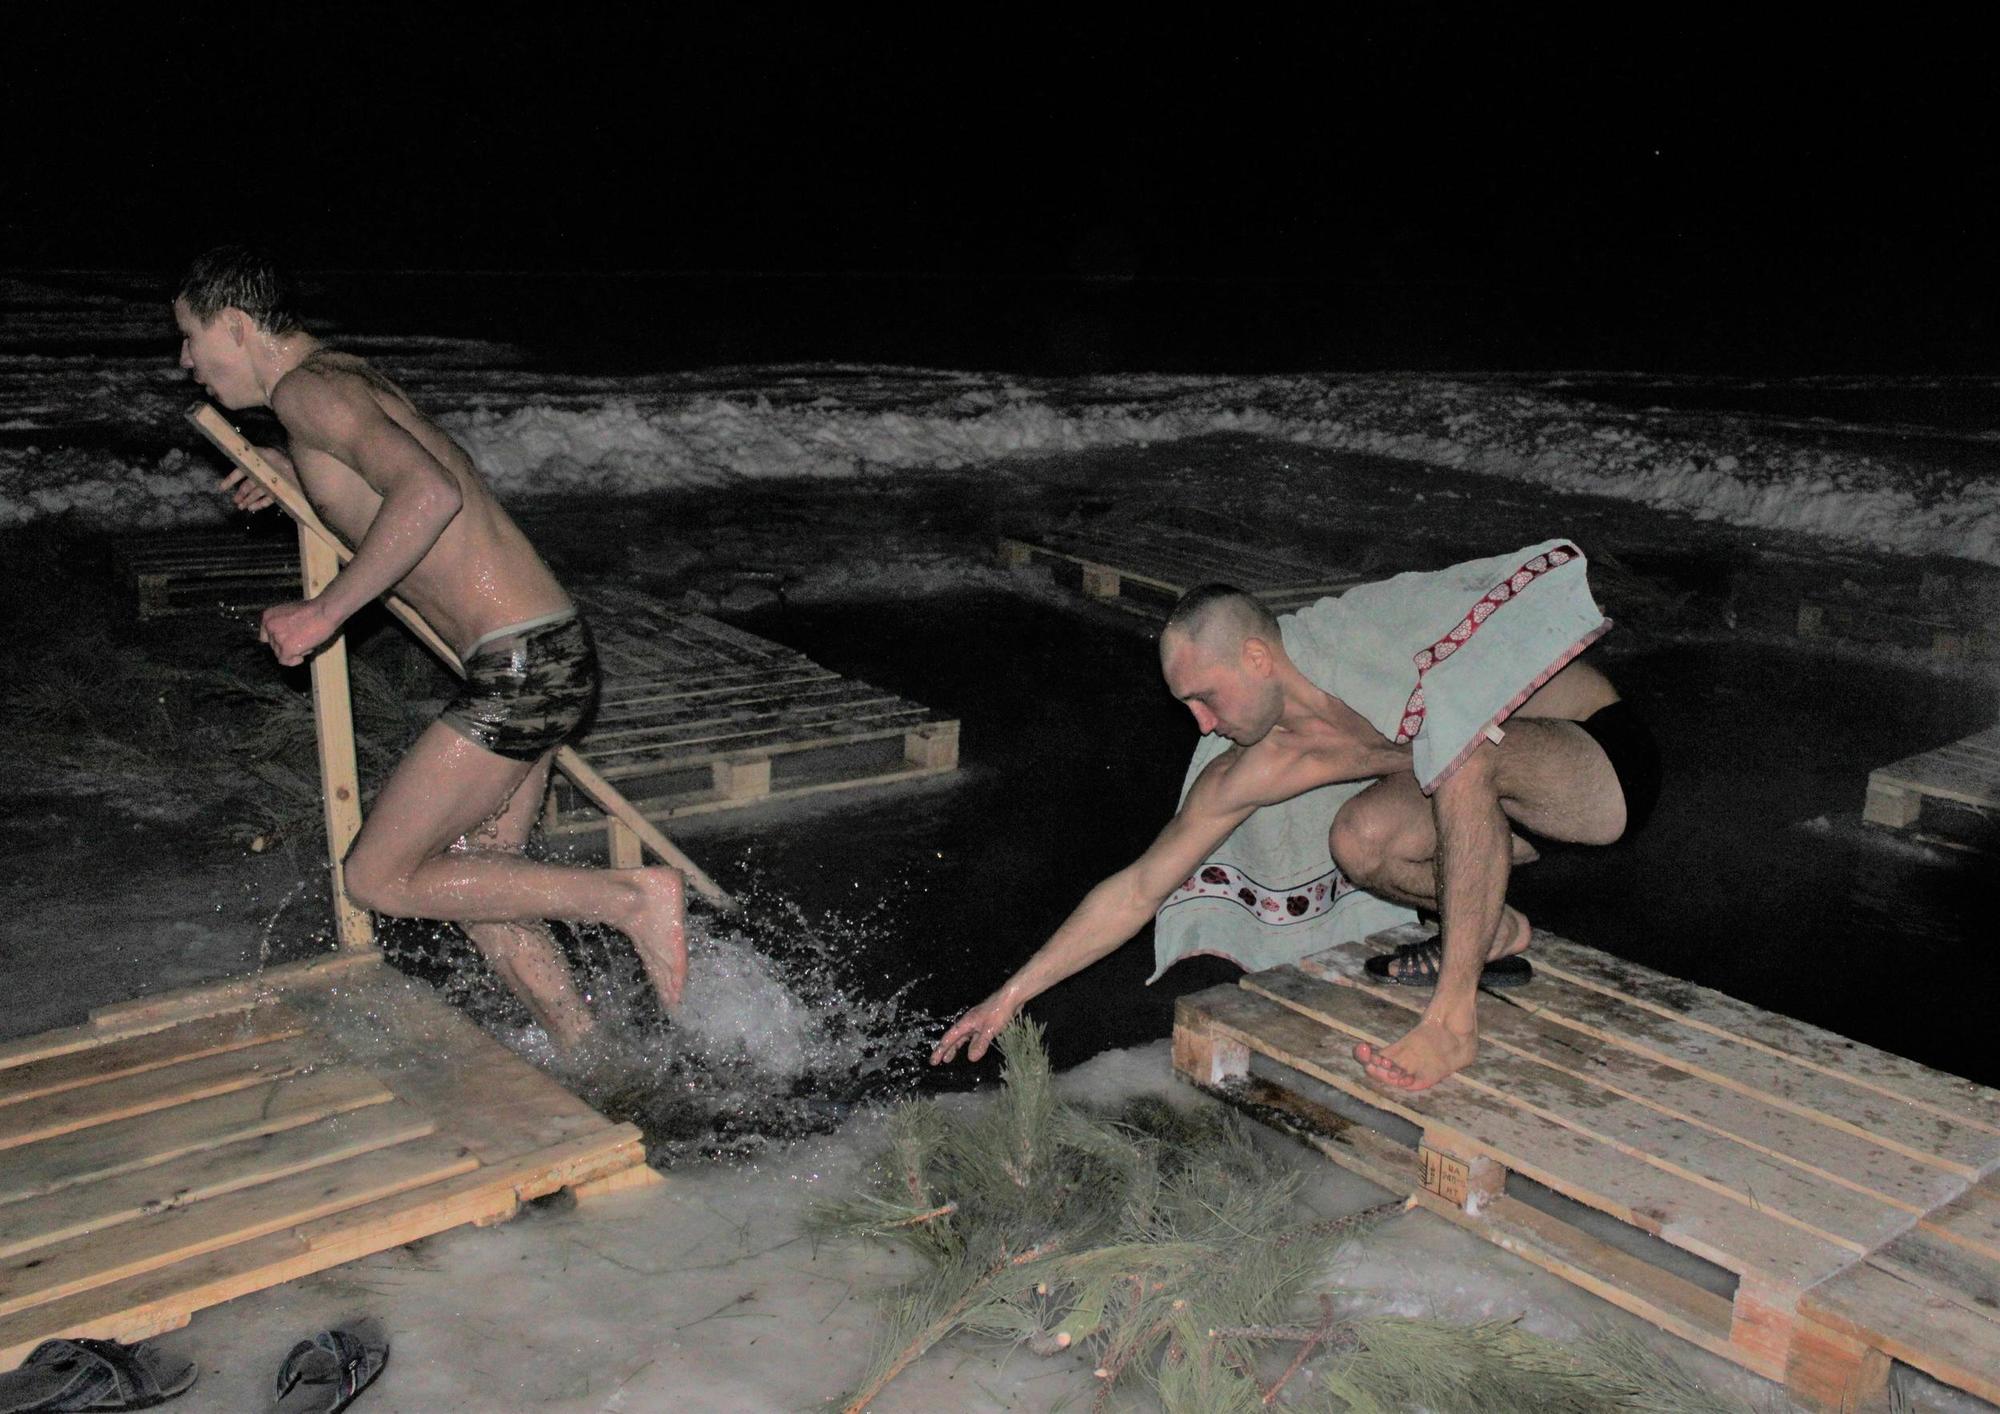 мешканці Бахмута занурюються в ополонку на Водохреще